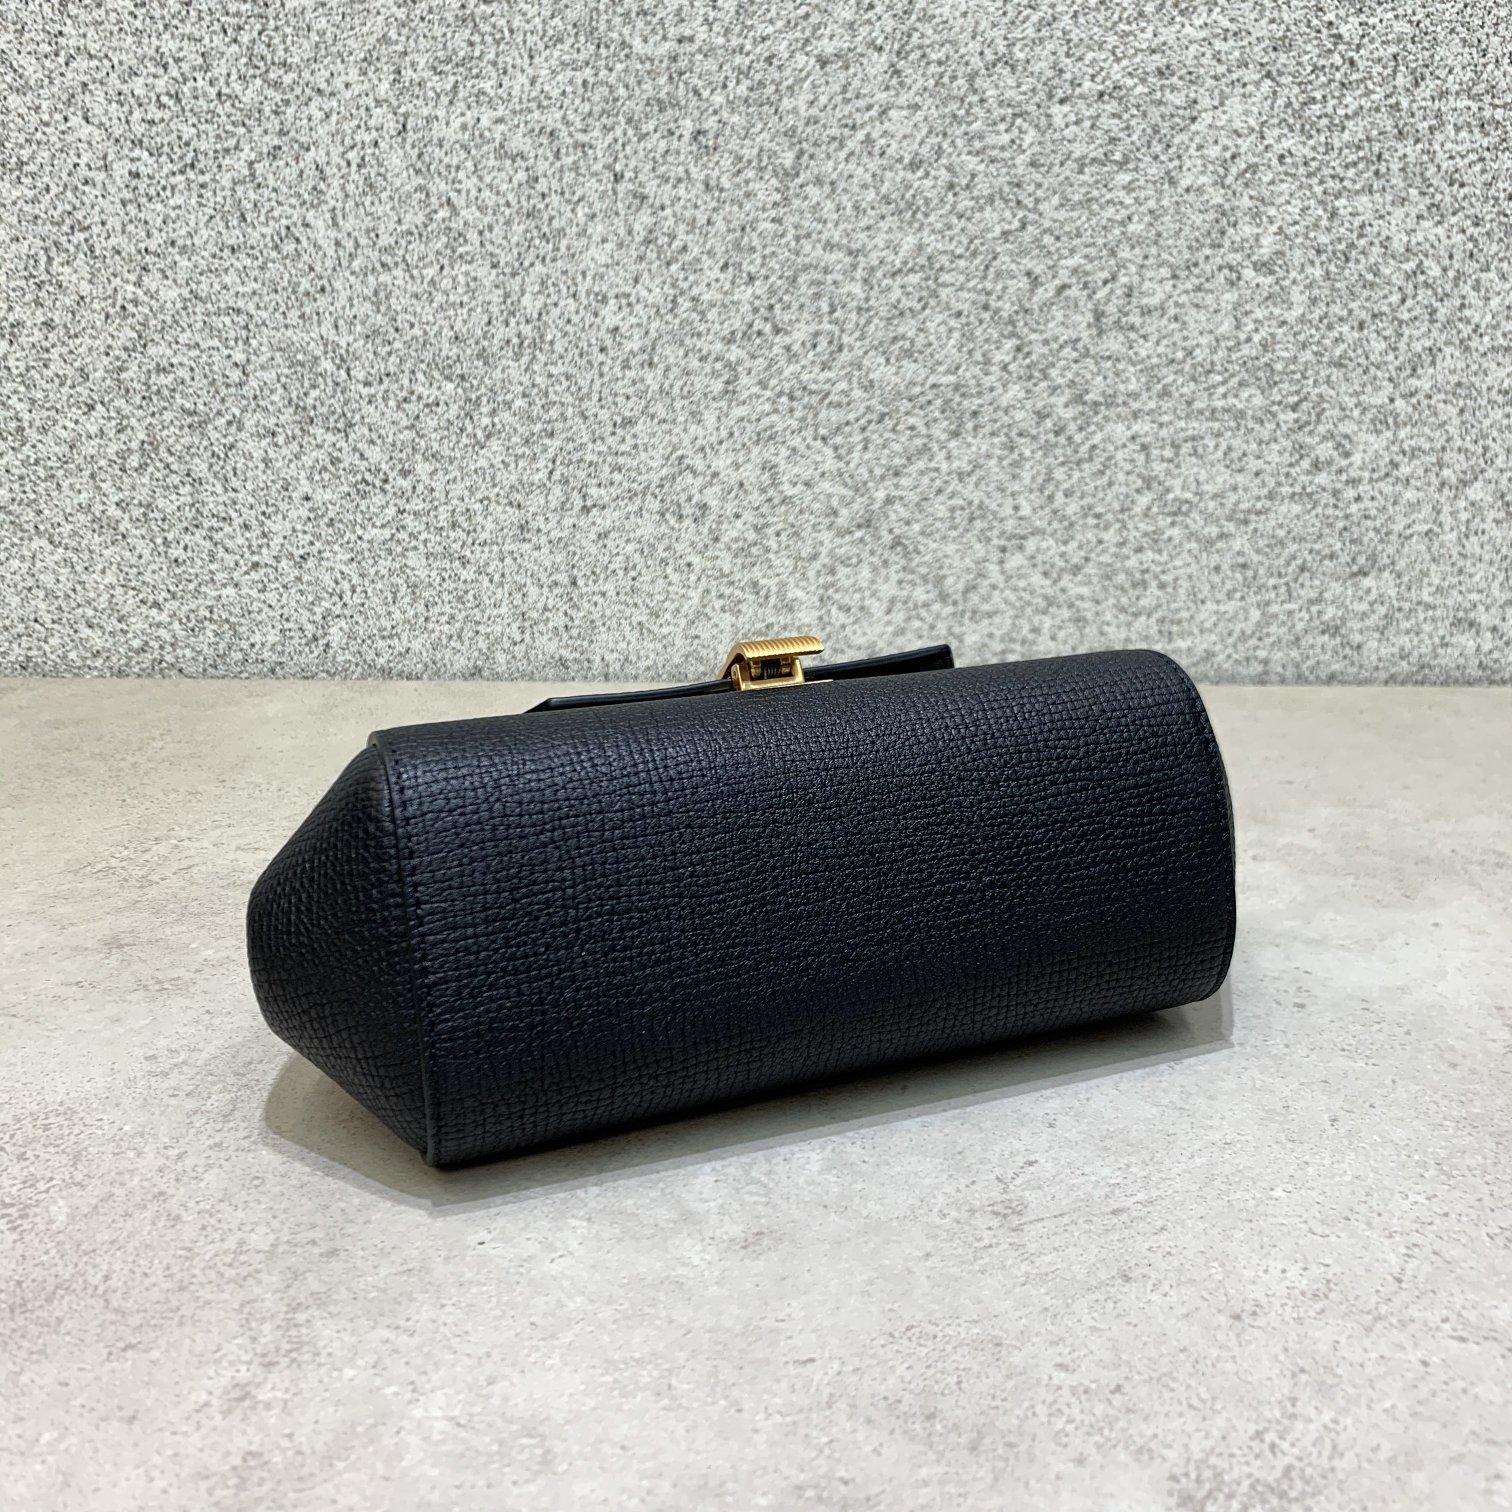 BV Angle bag 新款mini Bottega Venetaangle bag系列(图9)